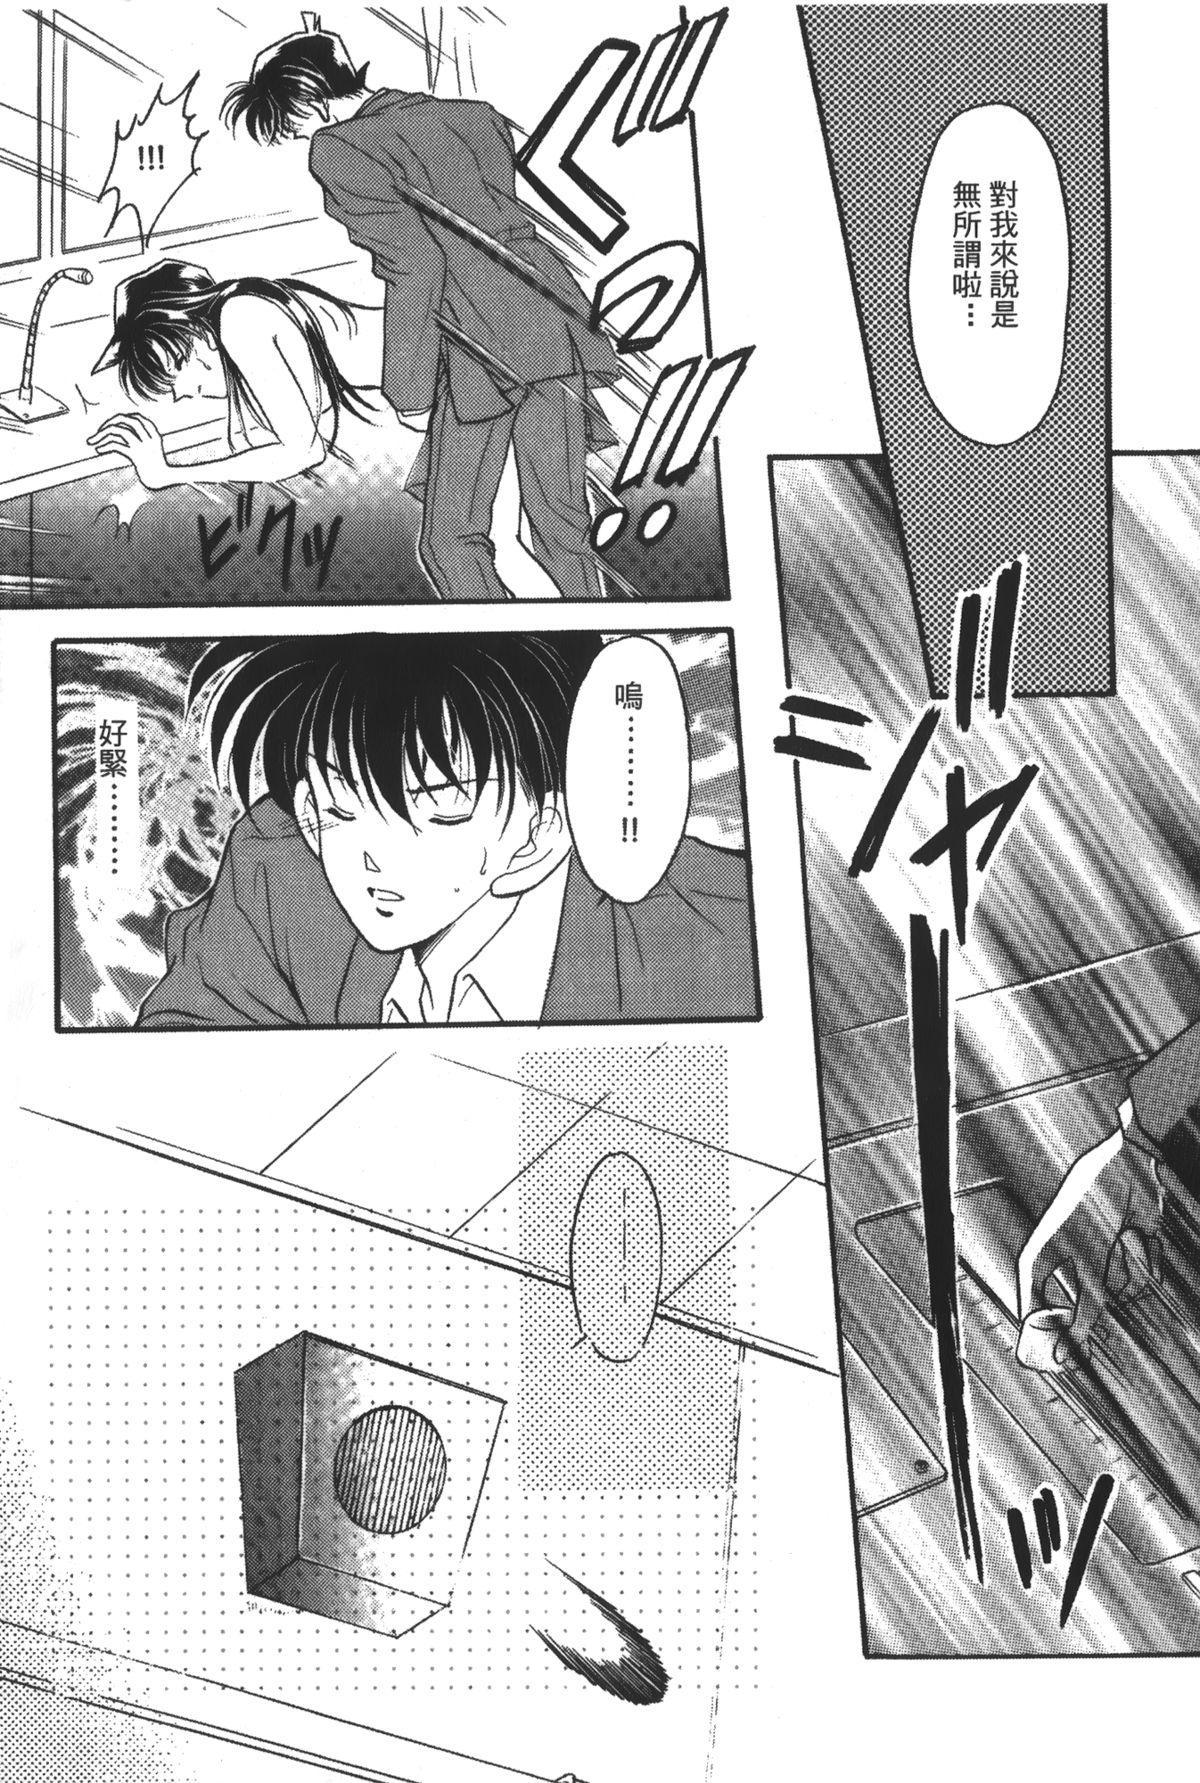 Detective Assistant Vol. 14 66